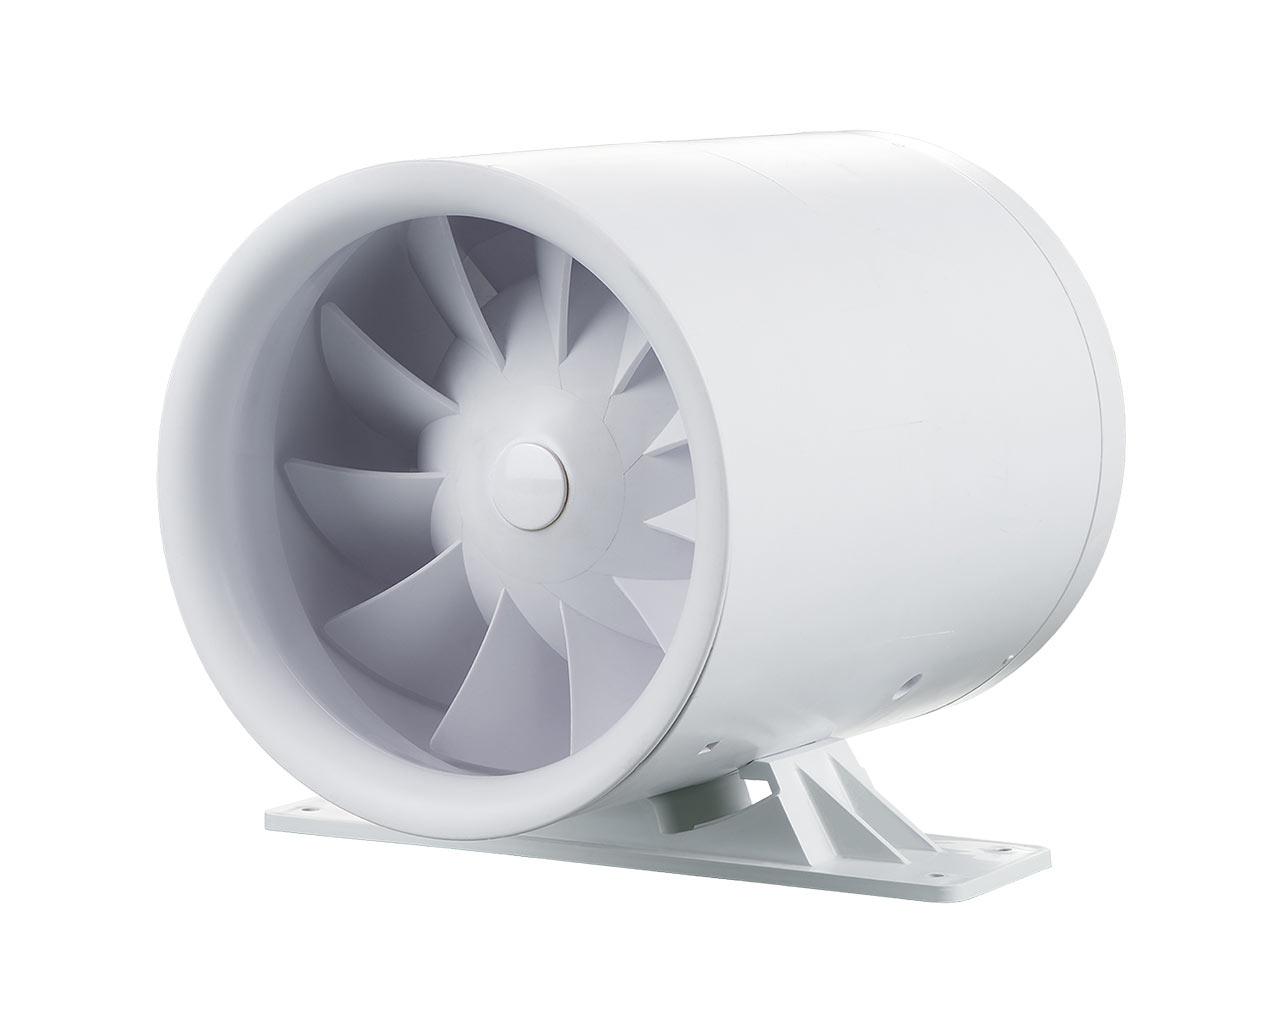 SIKU 100 Turbine-k T